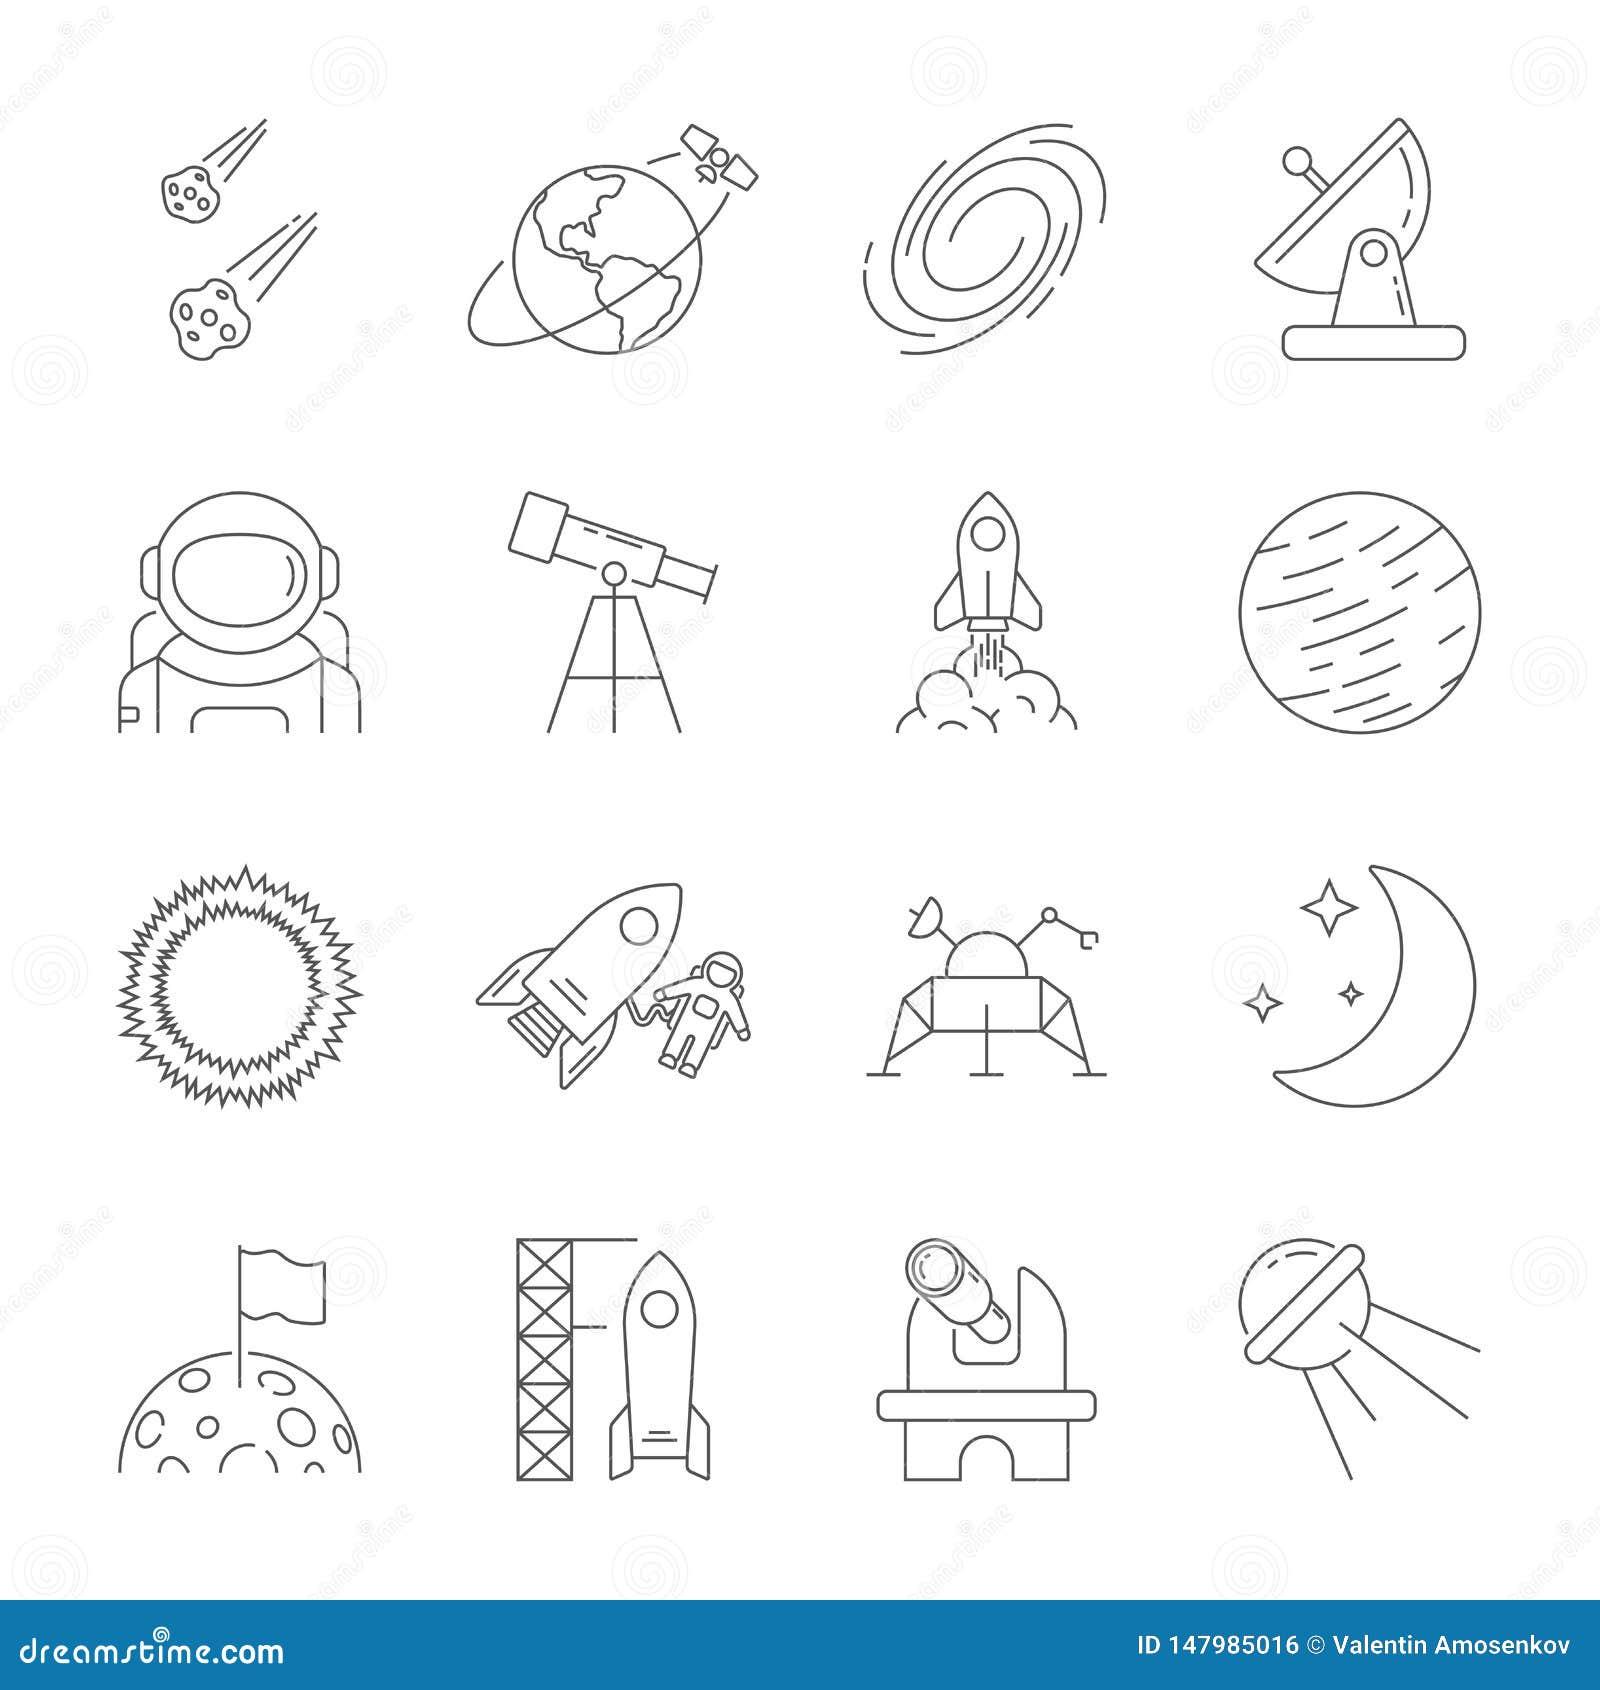 空间象,天文题材,概述样式 包含月亮,太阳,地球,月亮流浪者,卫星,小行星,太阳